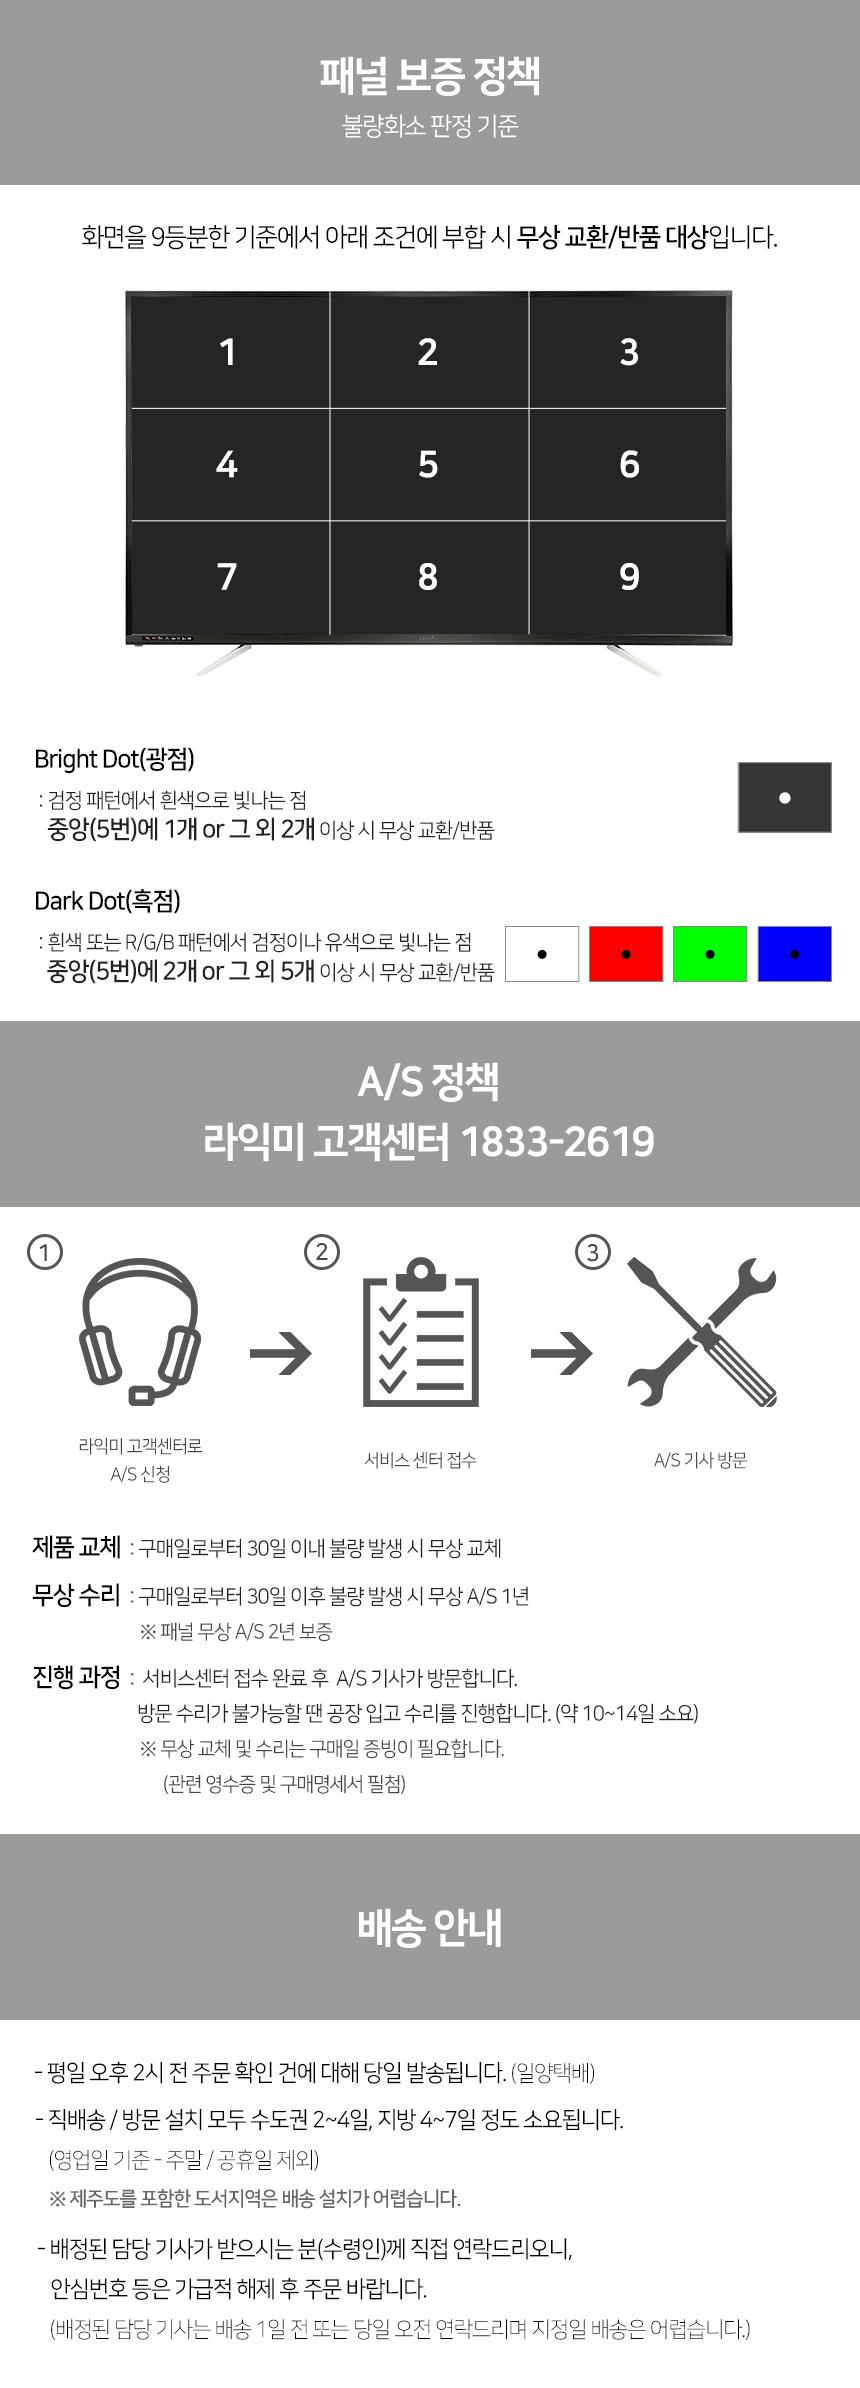 라익미 스마트 DS5001L 4K HDR 다이렉트TV (벽걸이)